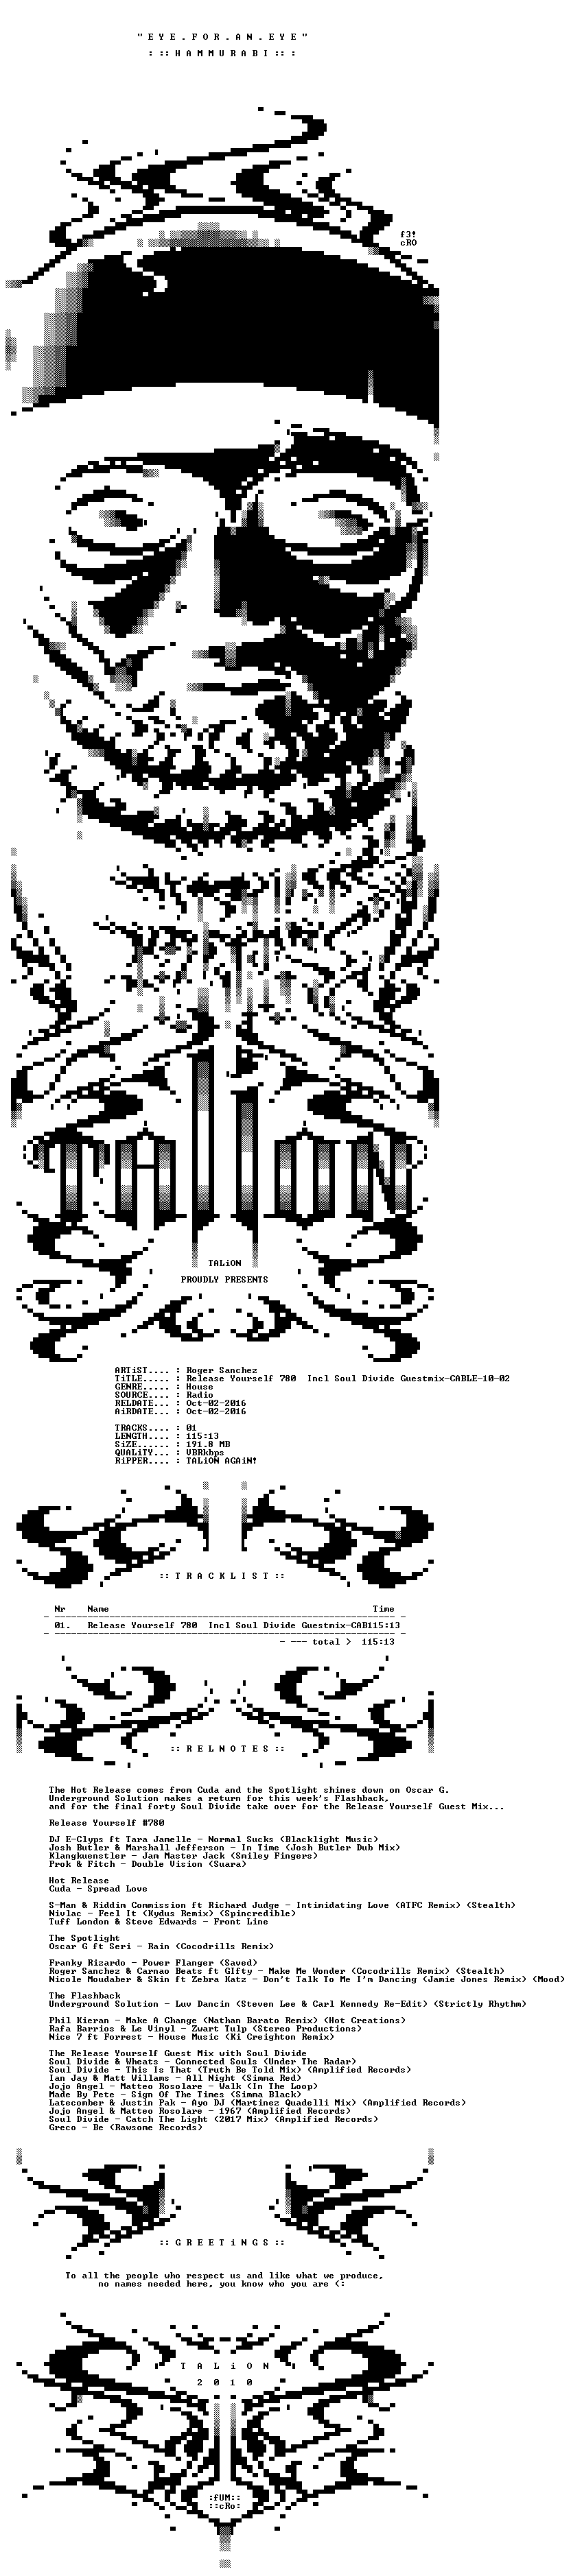 Roger Sanchez - Release Yourself 780 Incl Soul Divide Guestmix-CABLE-10-02-2016-TALiON